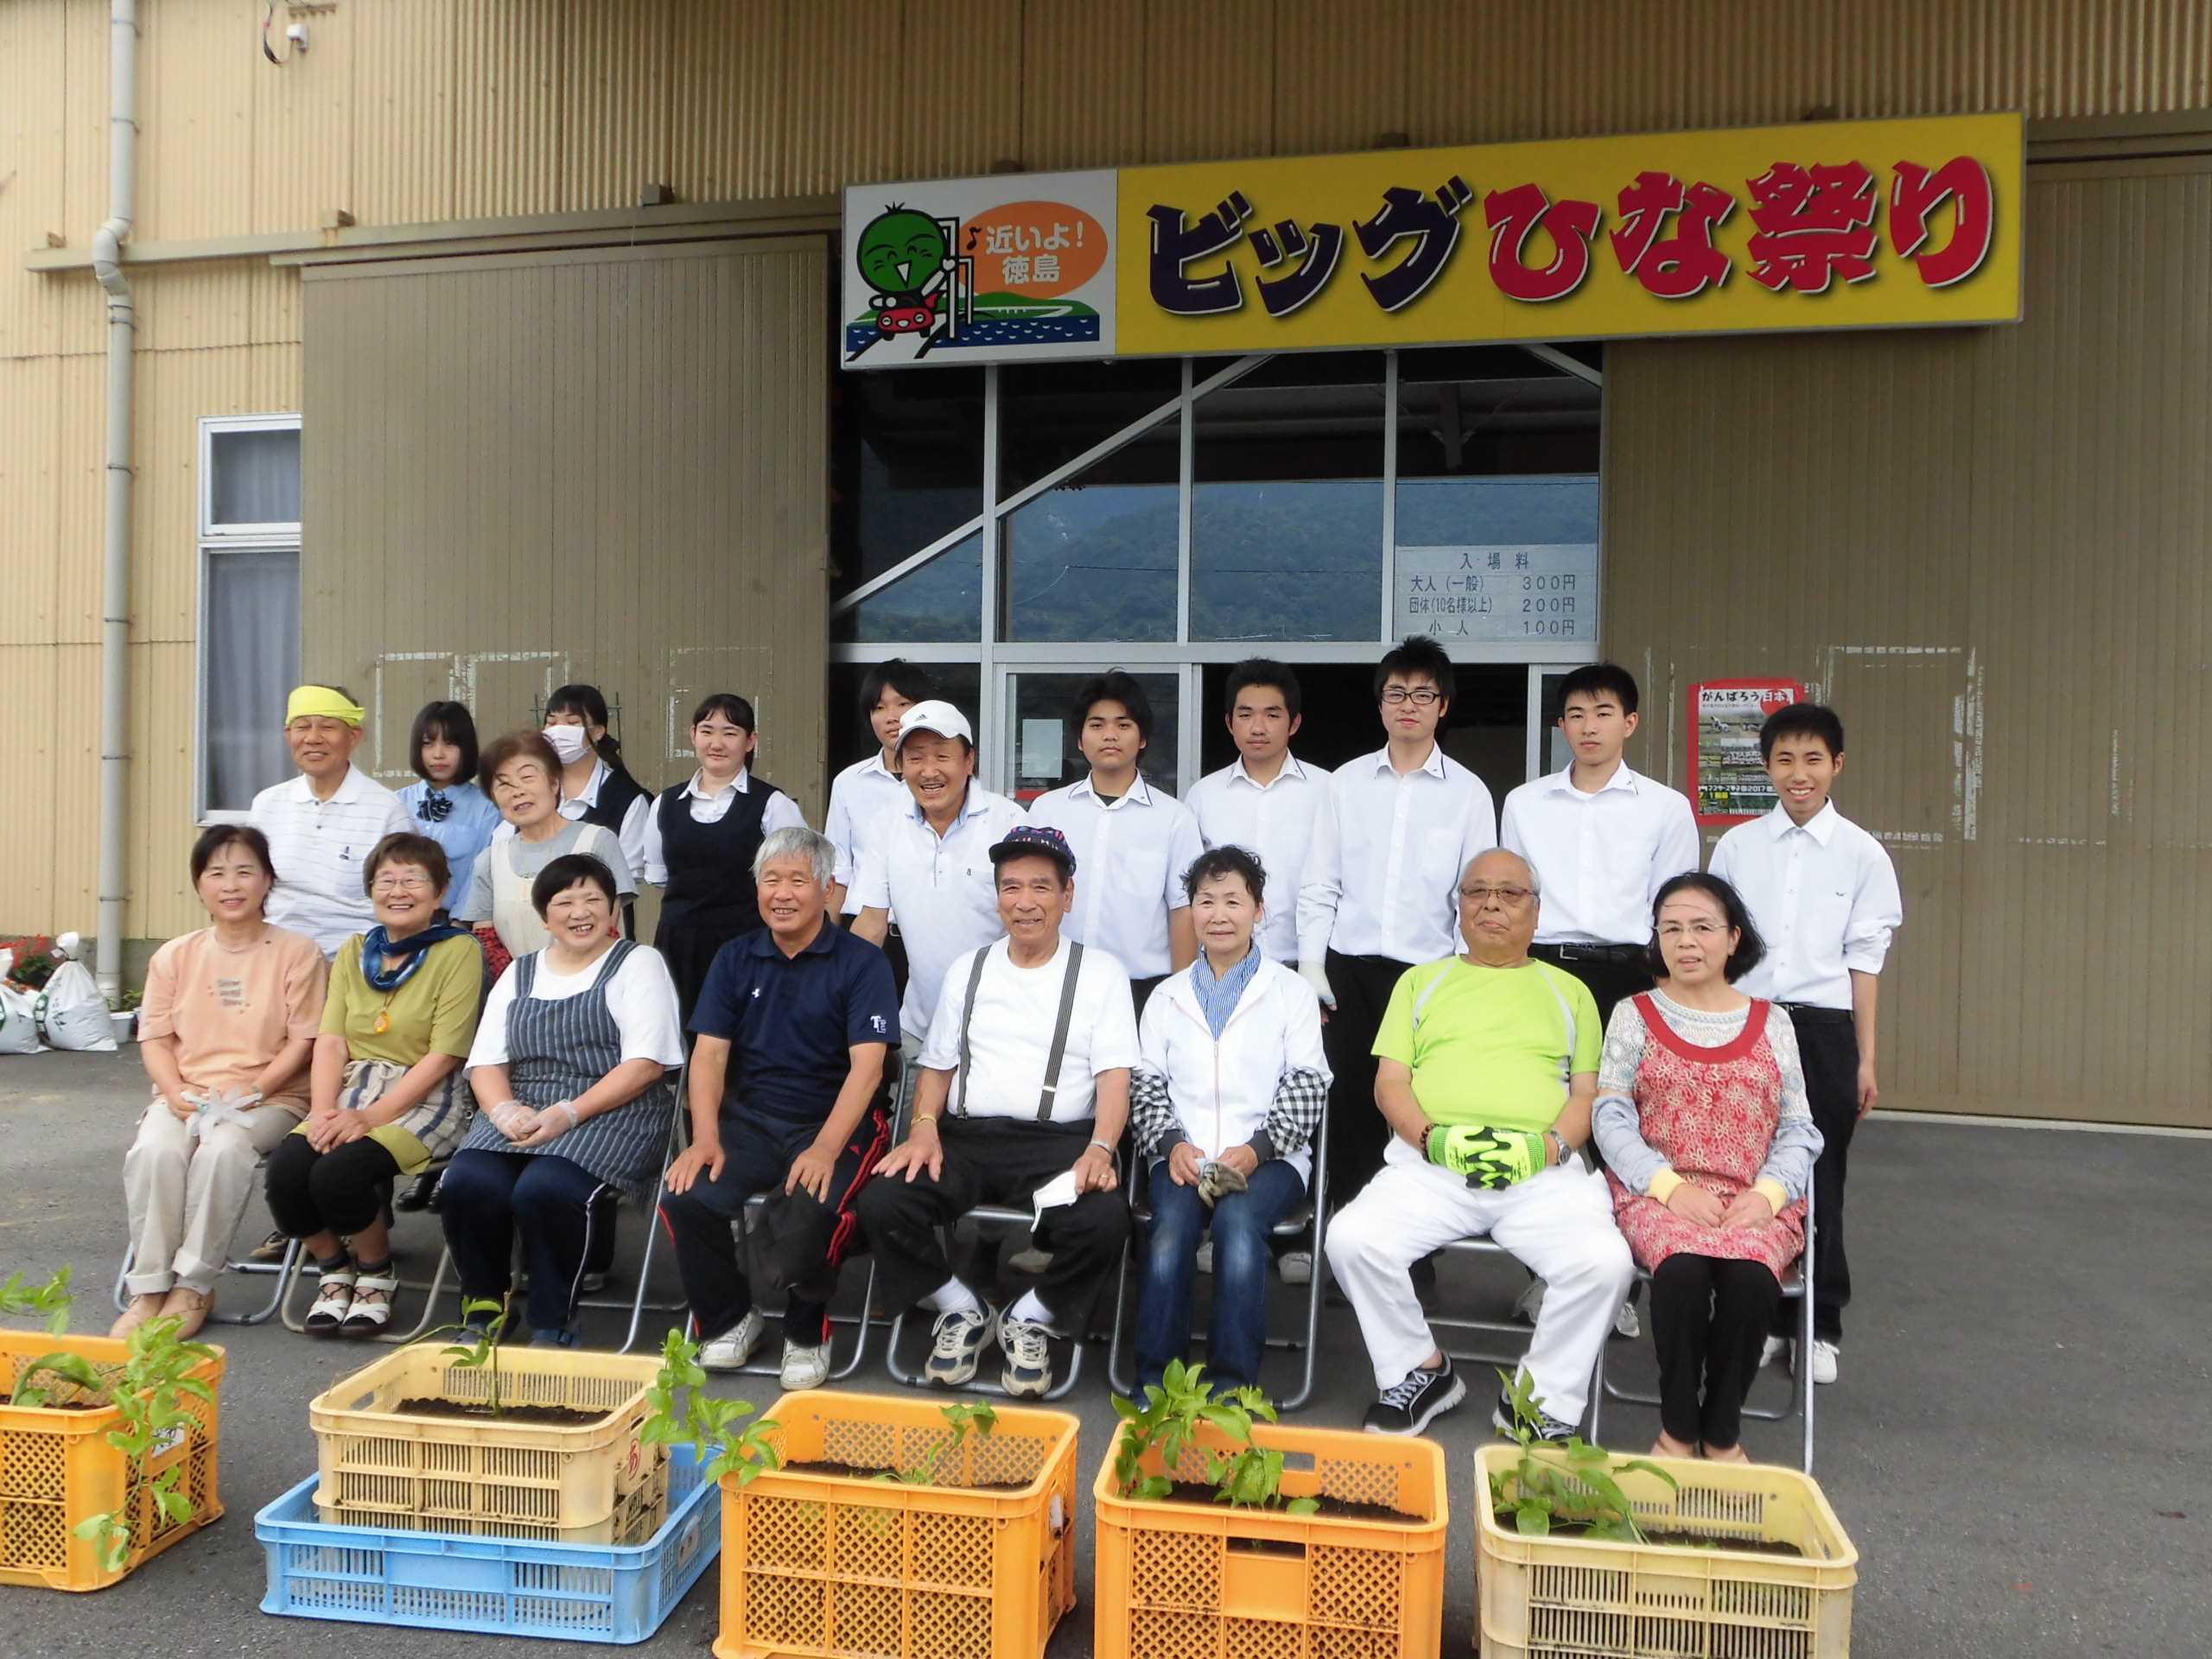 082_勝浦町での出前授業の様子